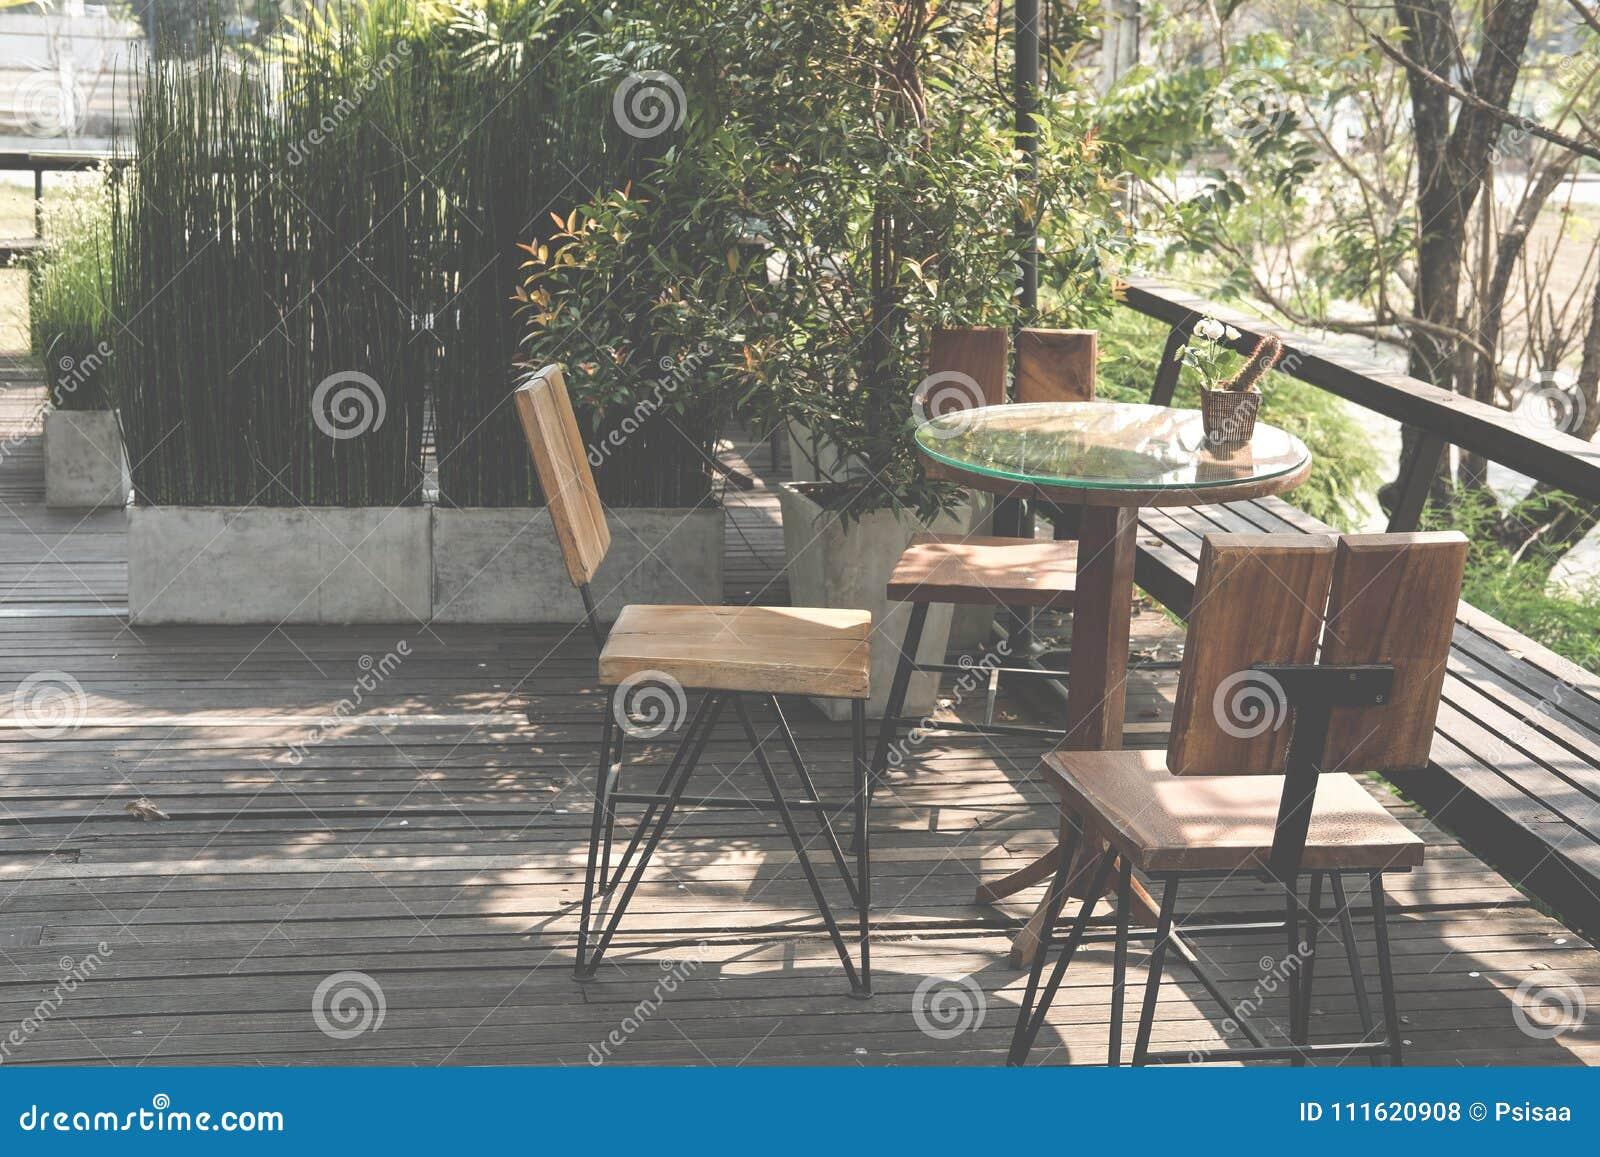 Houten Stoel Tuin.Terras Houten Rondetafel Op Van Tuin Huis Stoel Dichtbij Opuwxzkti